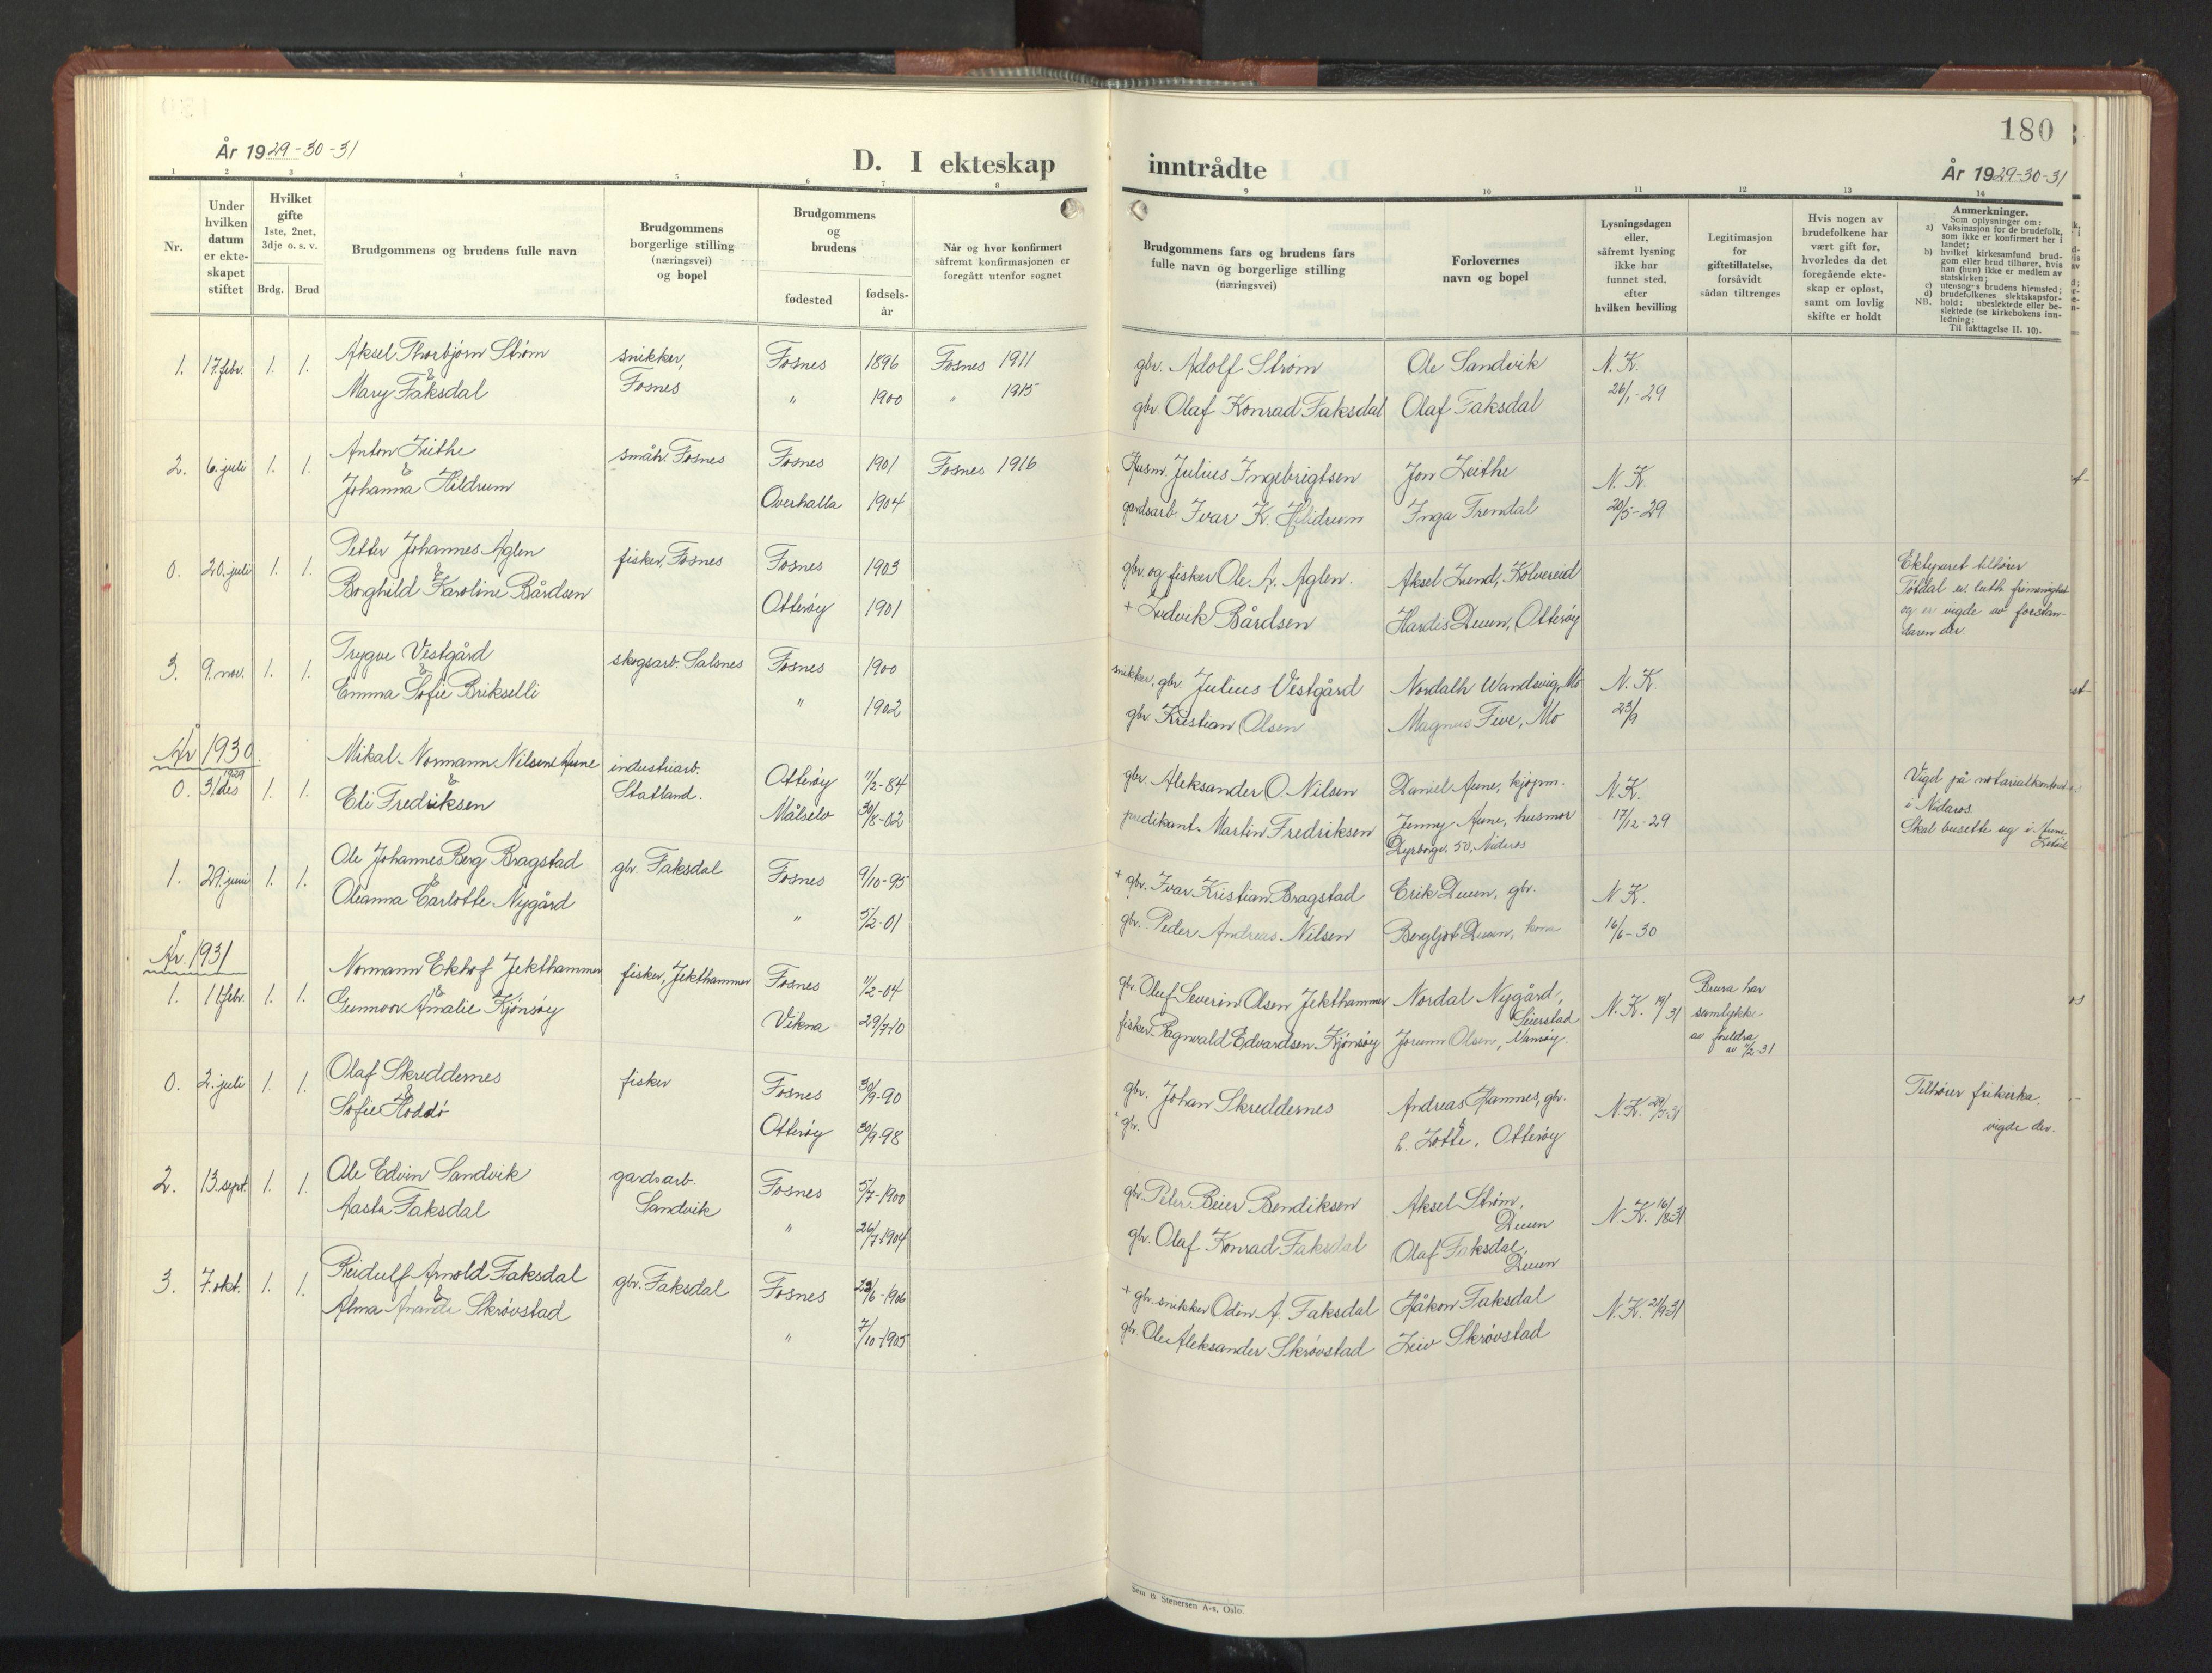 SAT, Ministerialprotokoller, klokkerbøker og fødselsregistre - Nord-Trøndelag, 773/L0625: Klokkerbok nr. 773C01, 1910-1952, s. 180